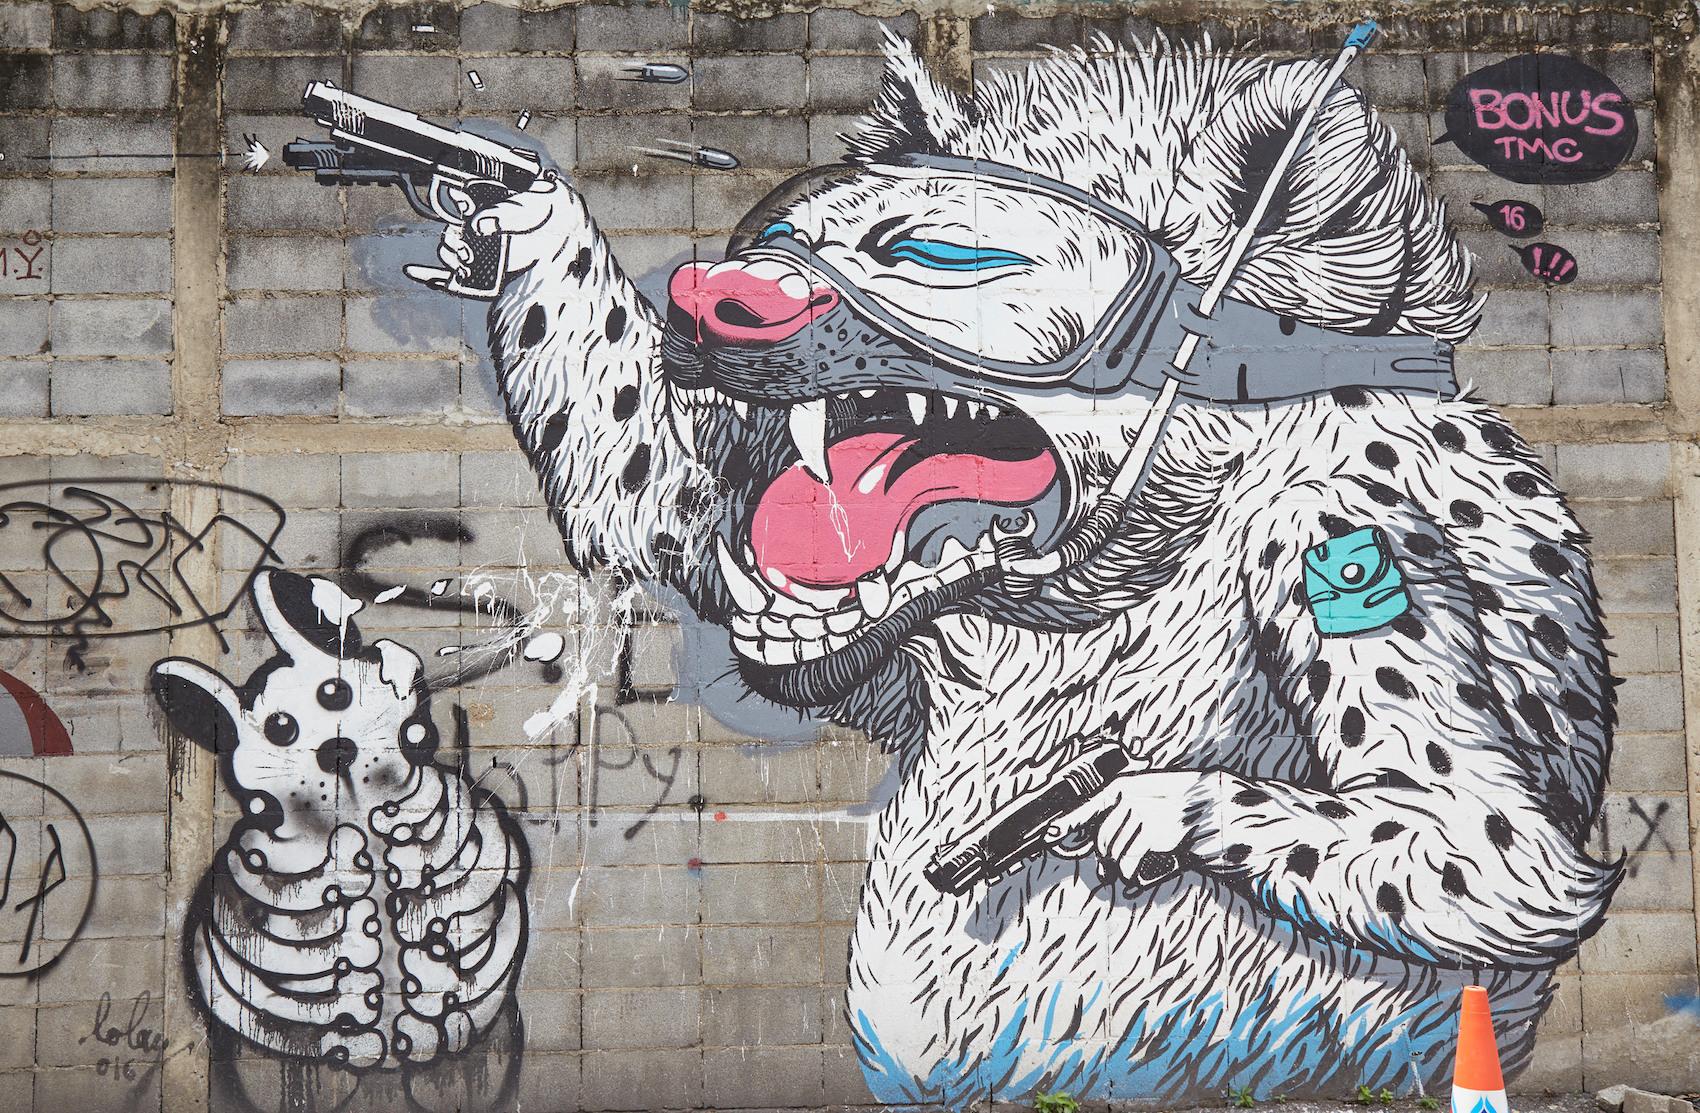 Charoen Krung Soi 32 Mural